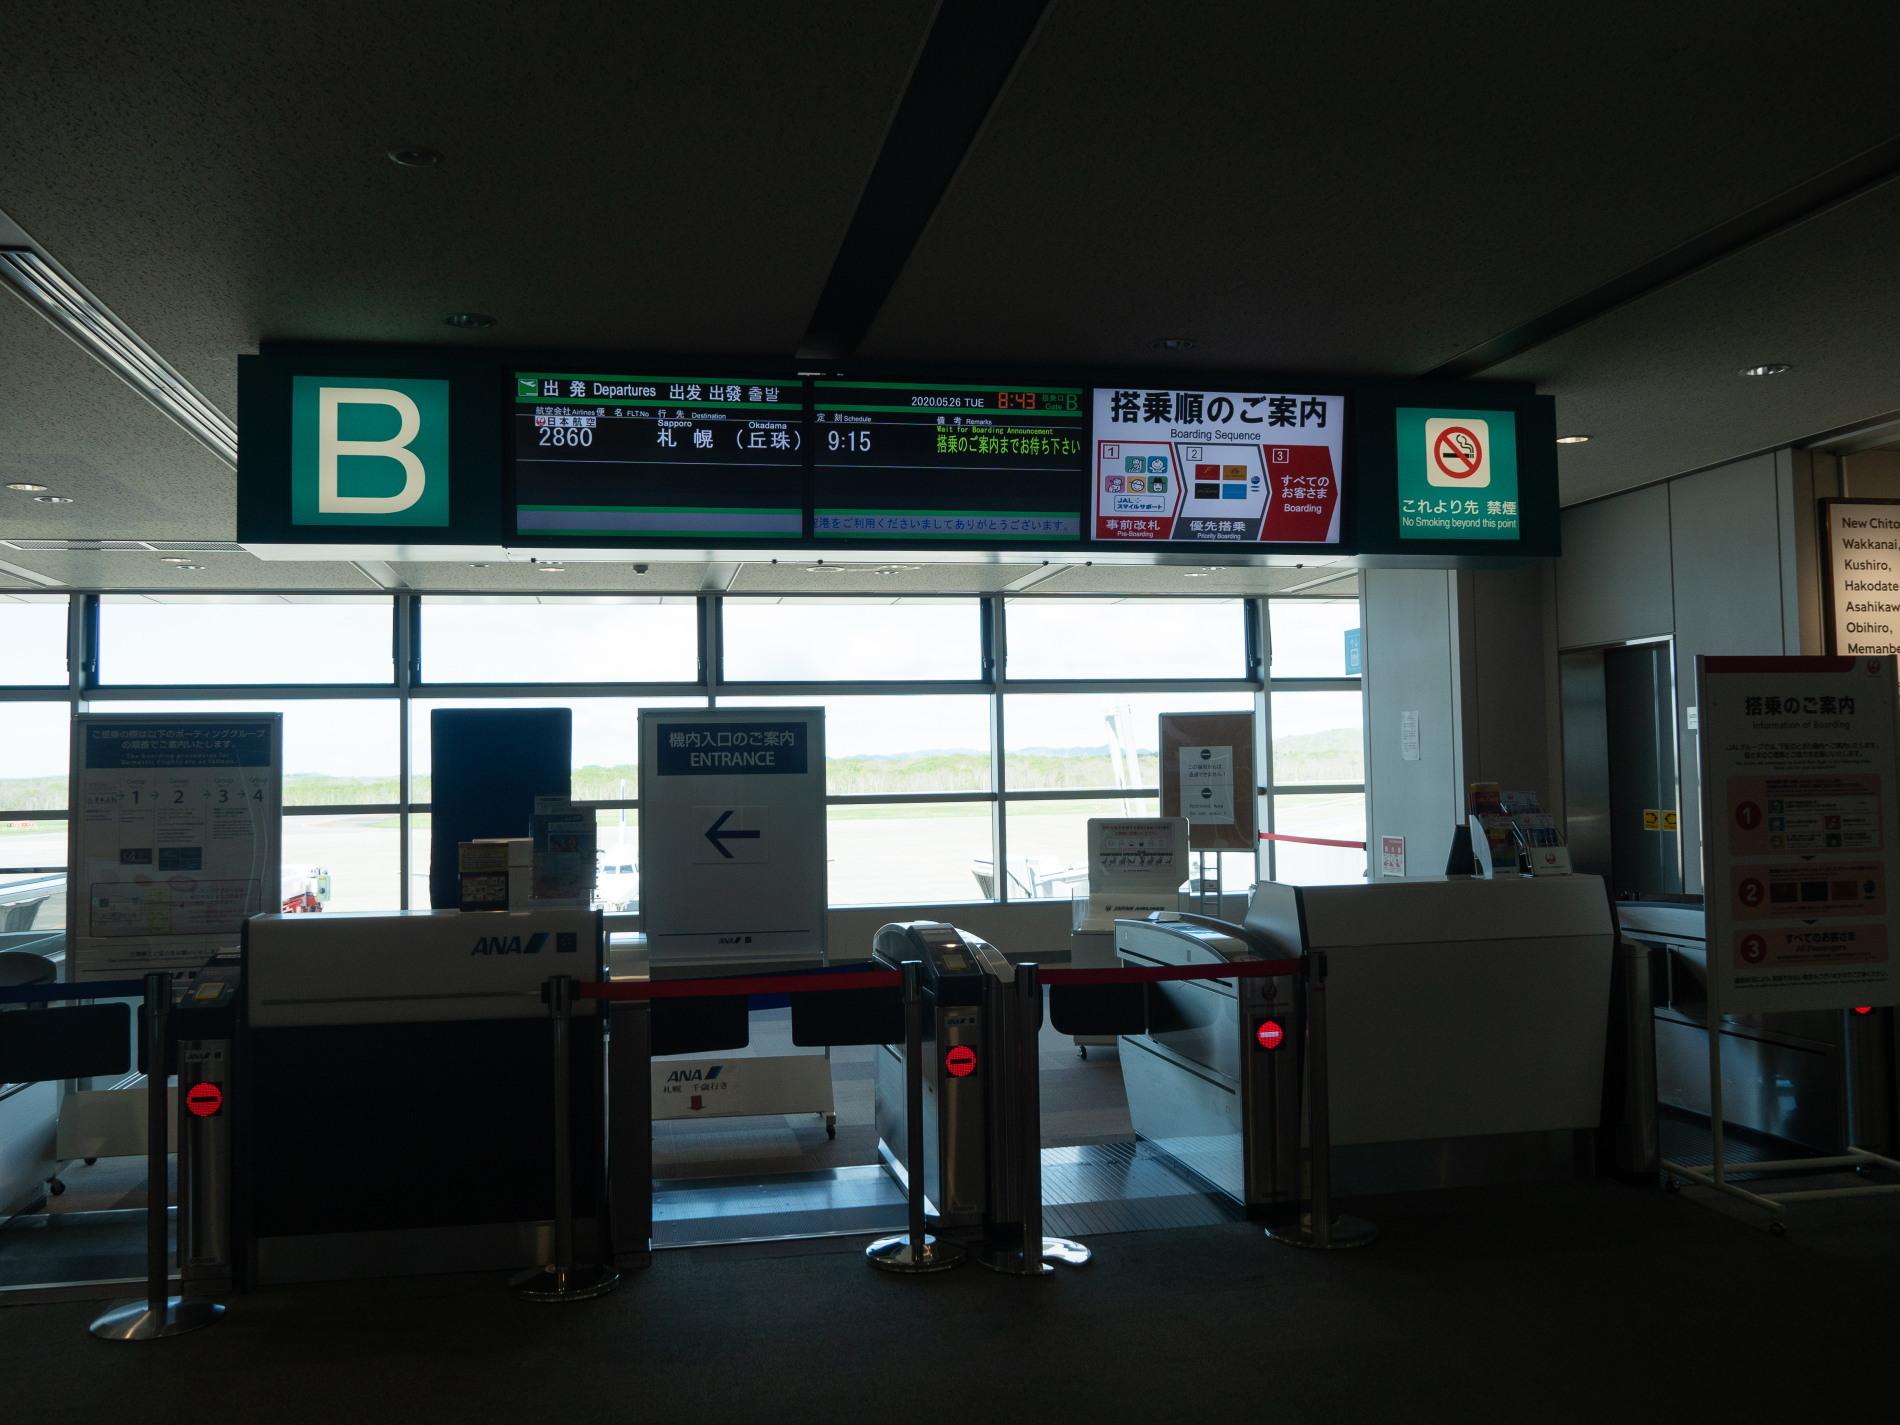 北海道エアシステムの新機材ATR42に乗って・・函館へ(1)_f0276498_13080318.jpg